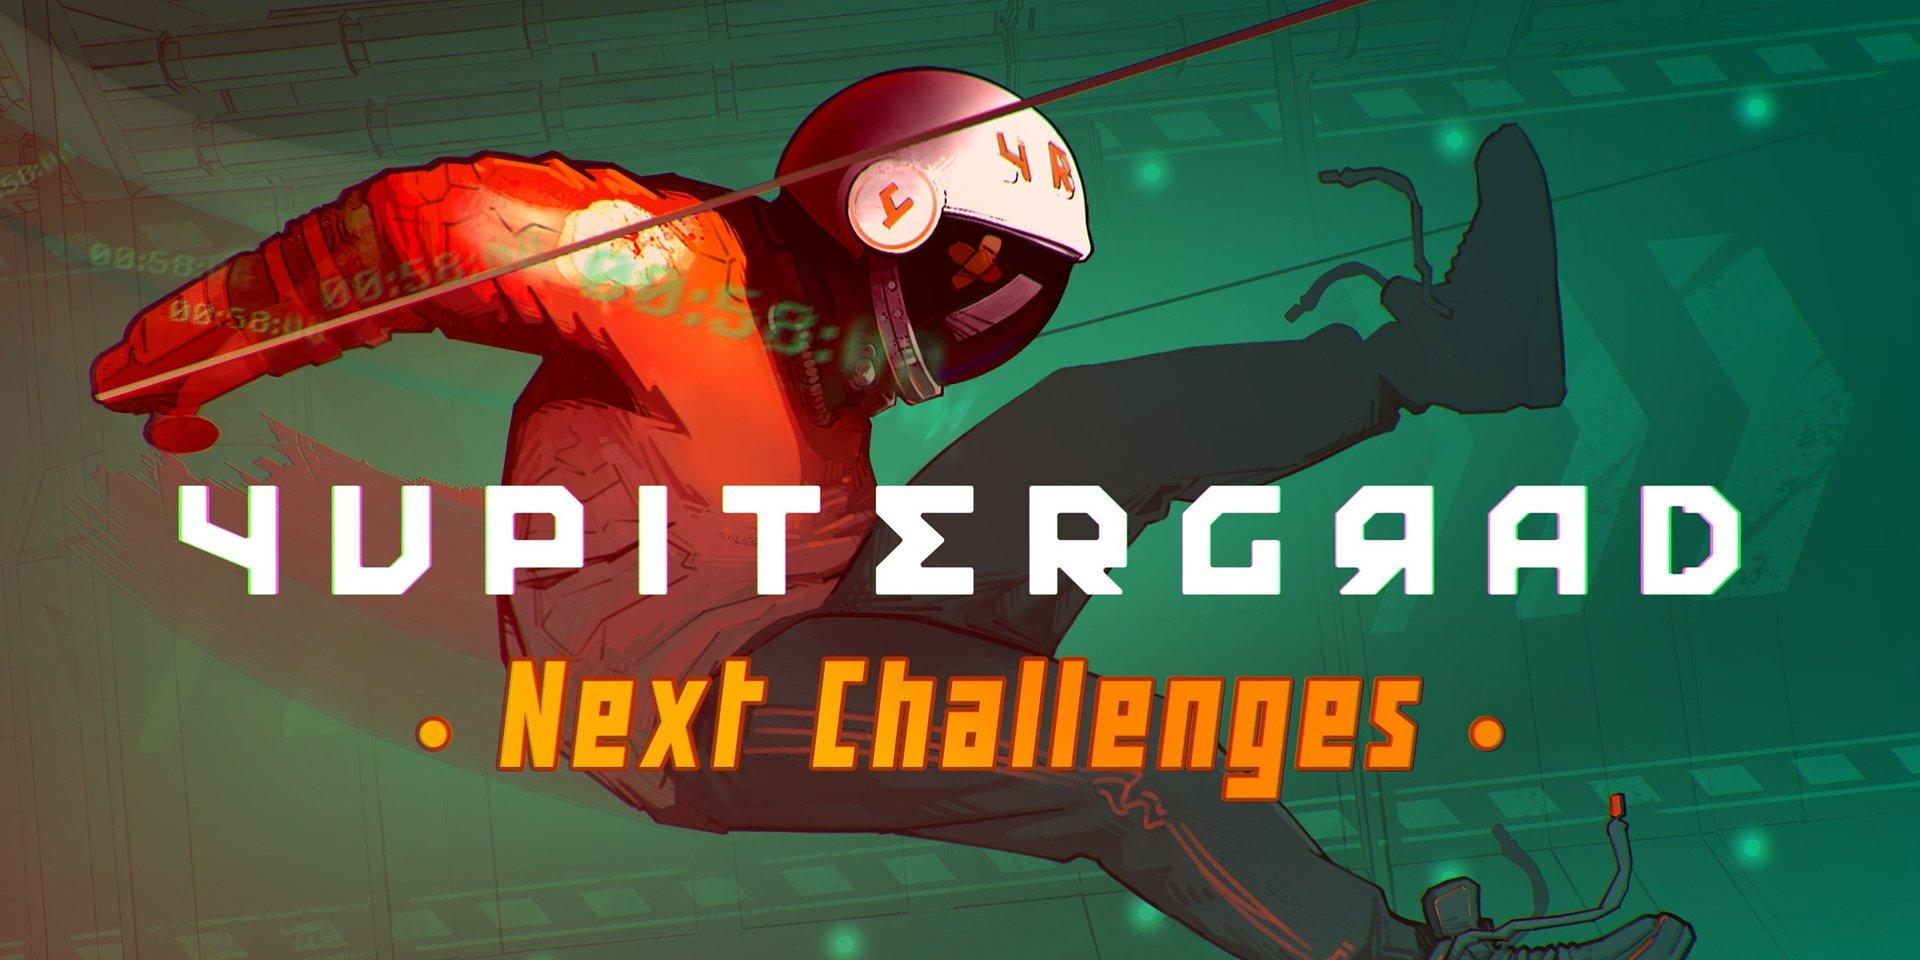 Ein kostenloses Update - Next Challenges wartet auf die Raum- Klempner in Yupitergrad